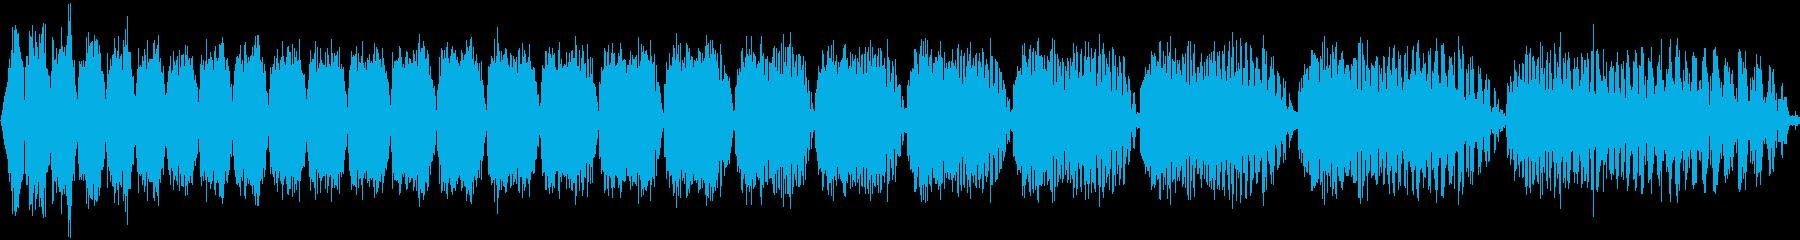 電動スワイプ6の再生済みの波形